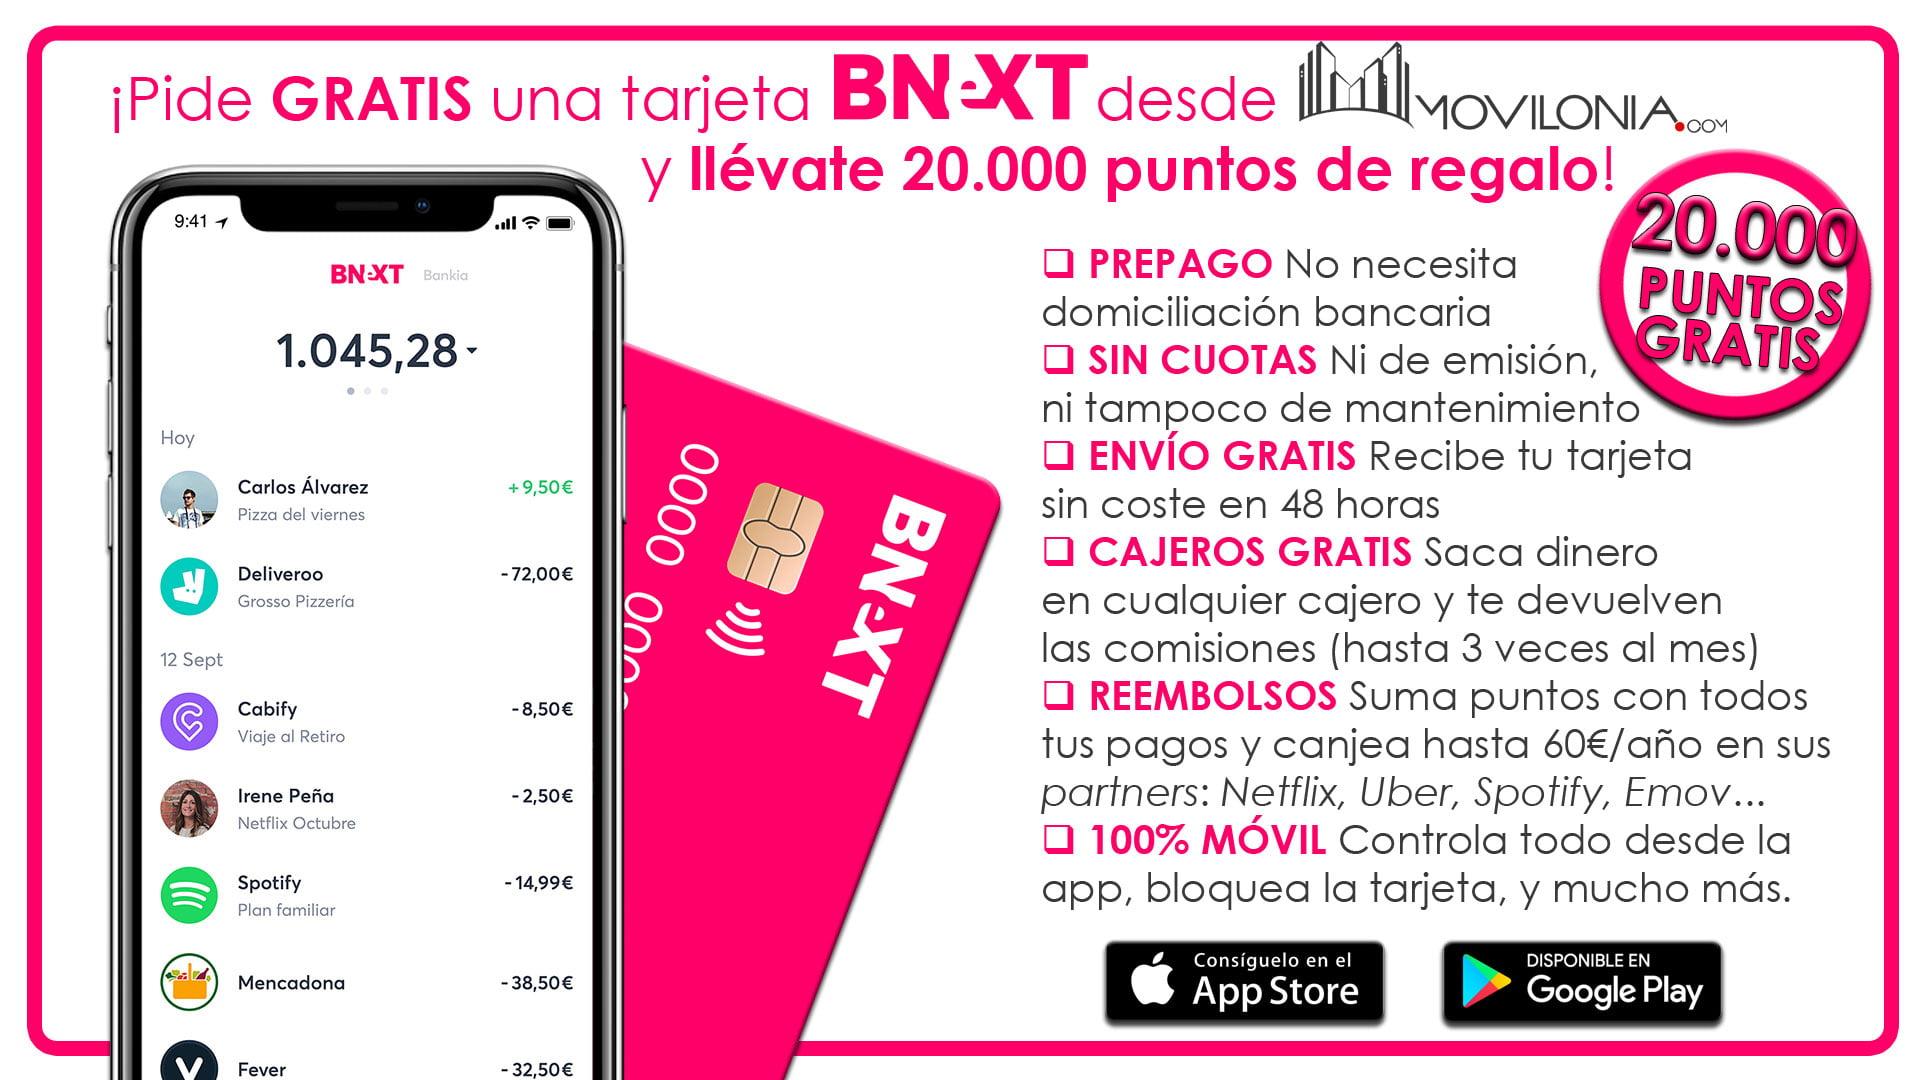 20.000 puntos gratis con Bnext